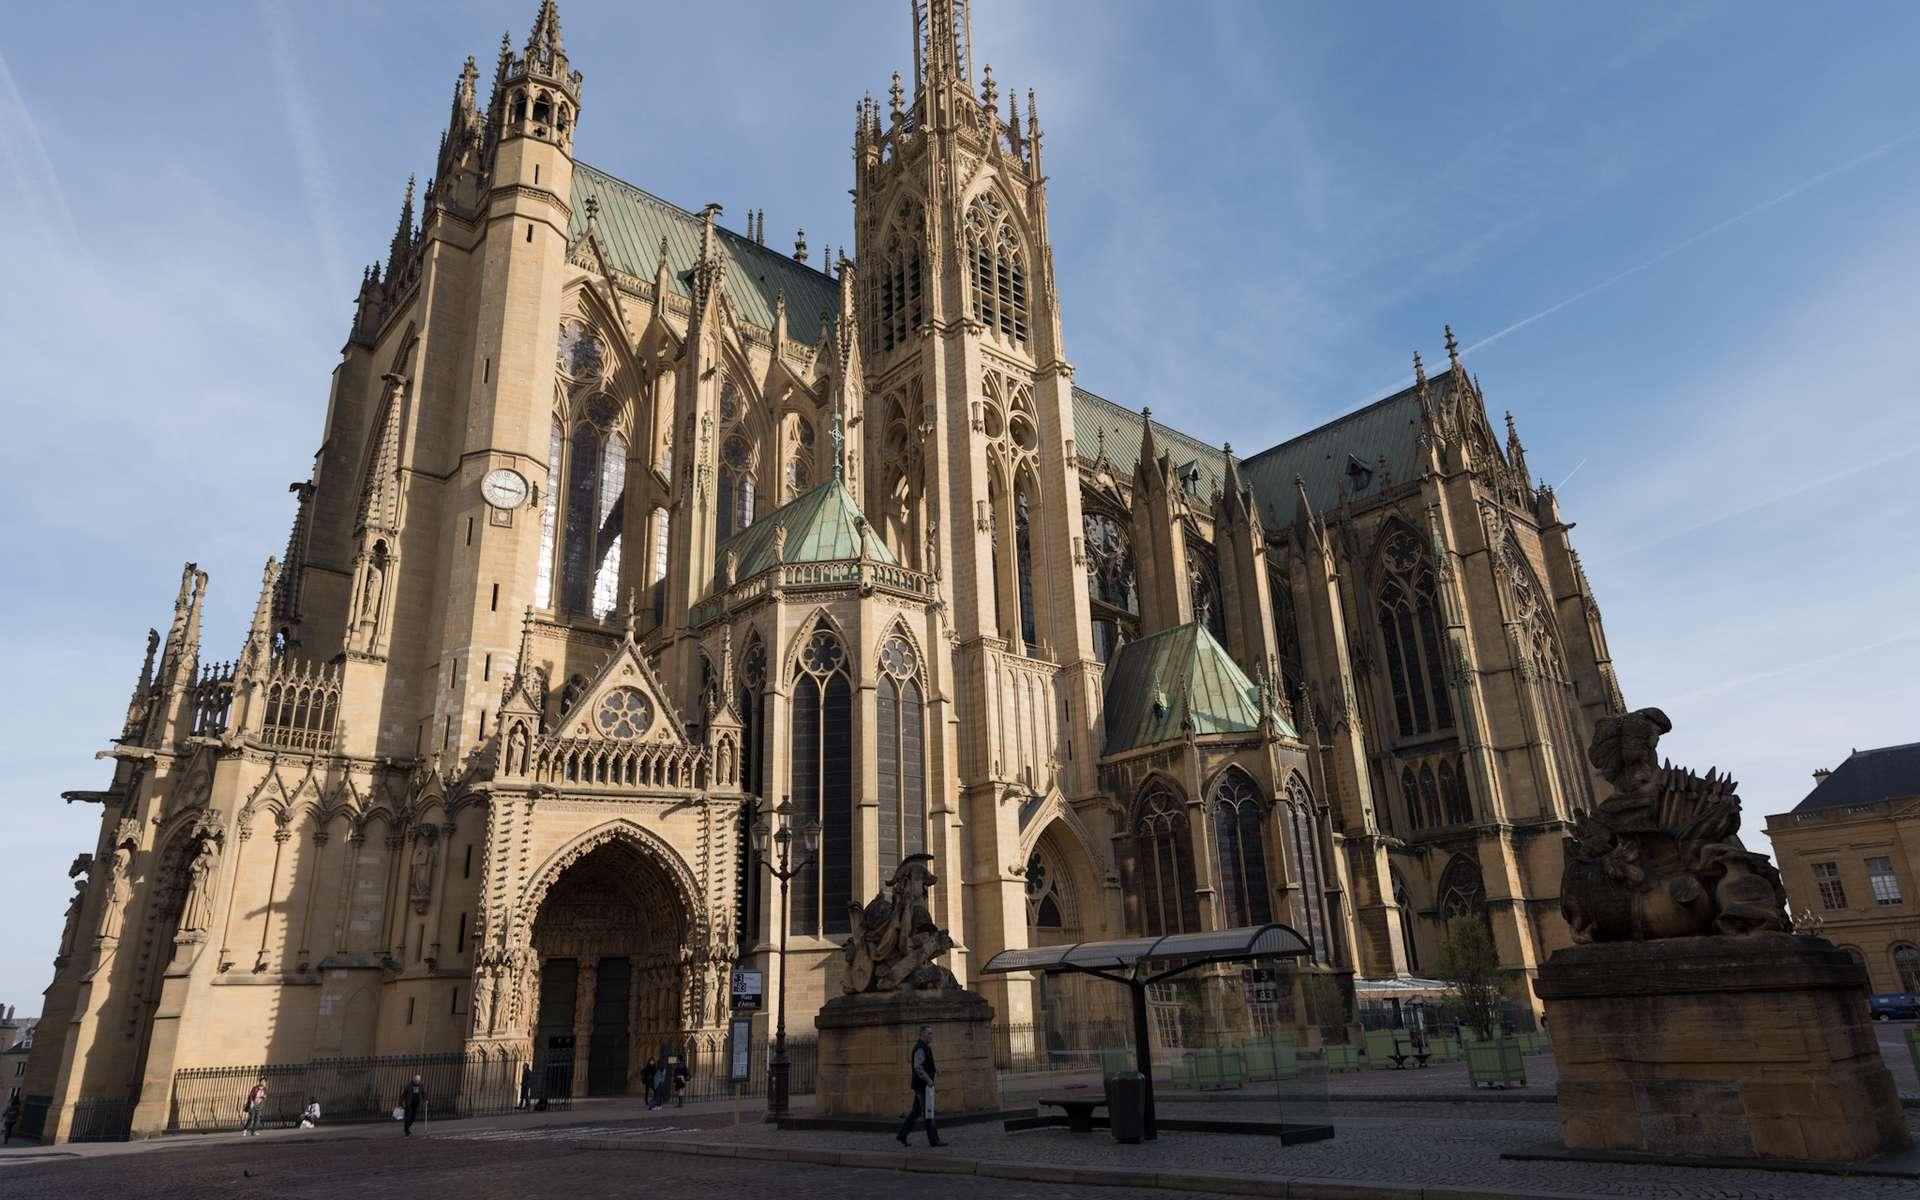 La cathédrale Saint-Étienne de Metz dans le département de la Moselle est le monument le plus visité de la ville. © Bruce Critelli, Flickr